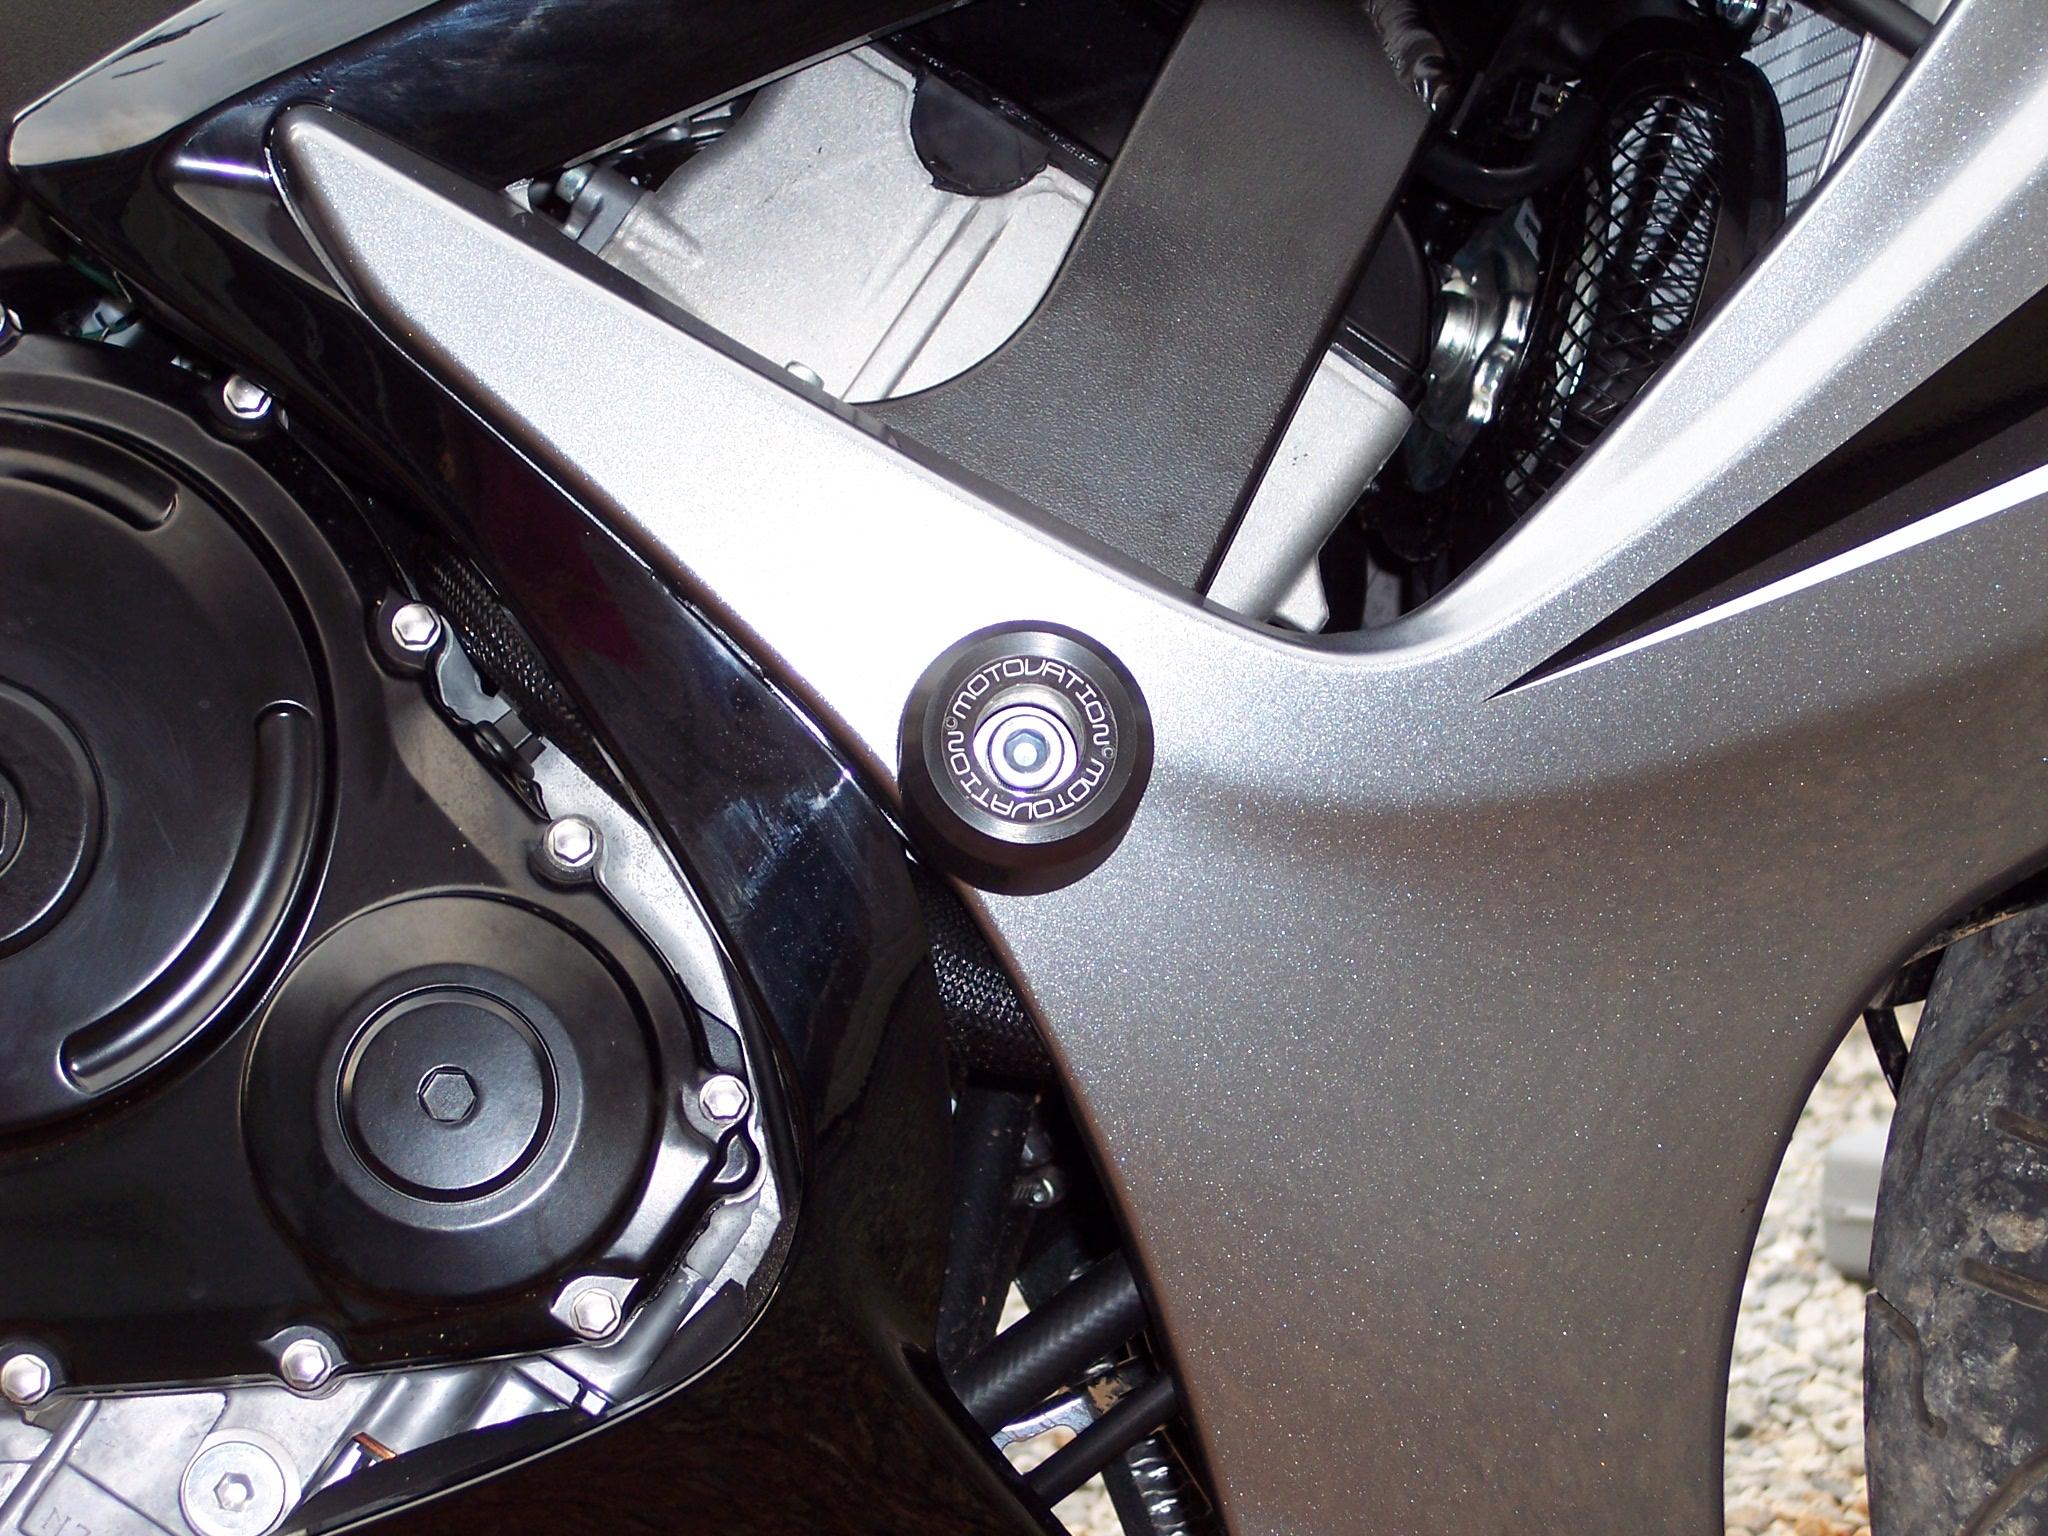 SBN Tests Motovation No Cut Frame Sliders For The 2006 GSXR 600 ...